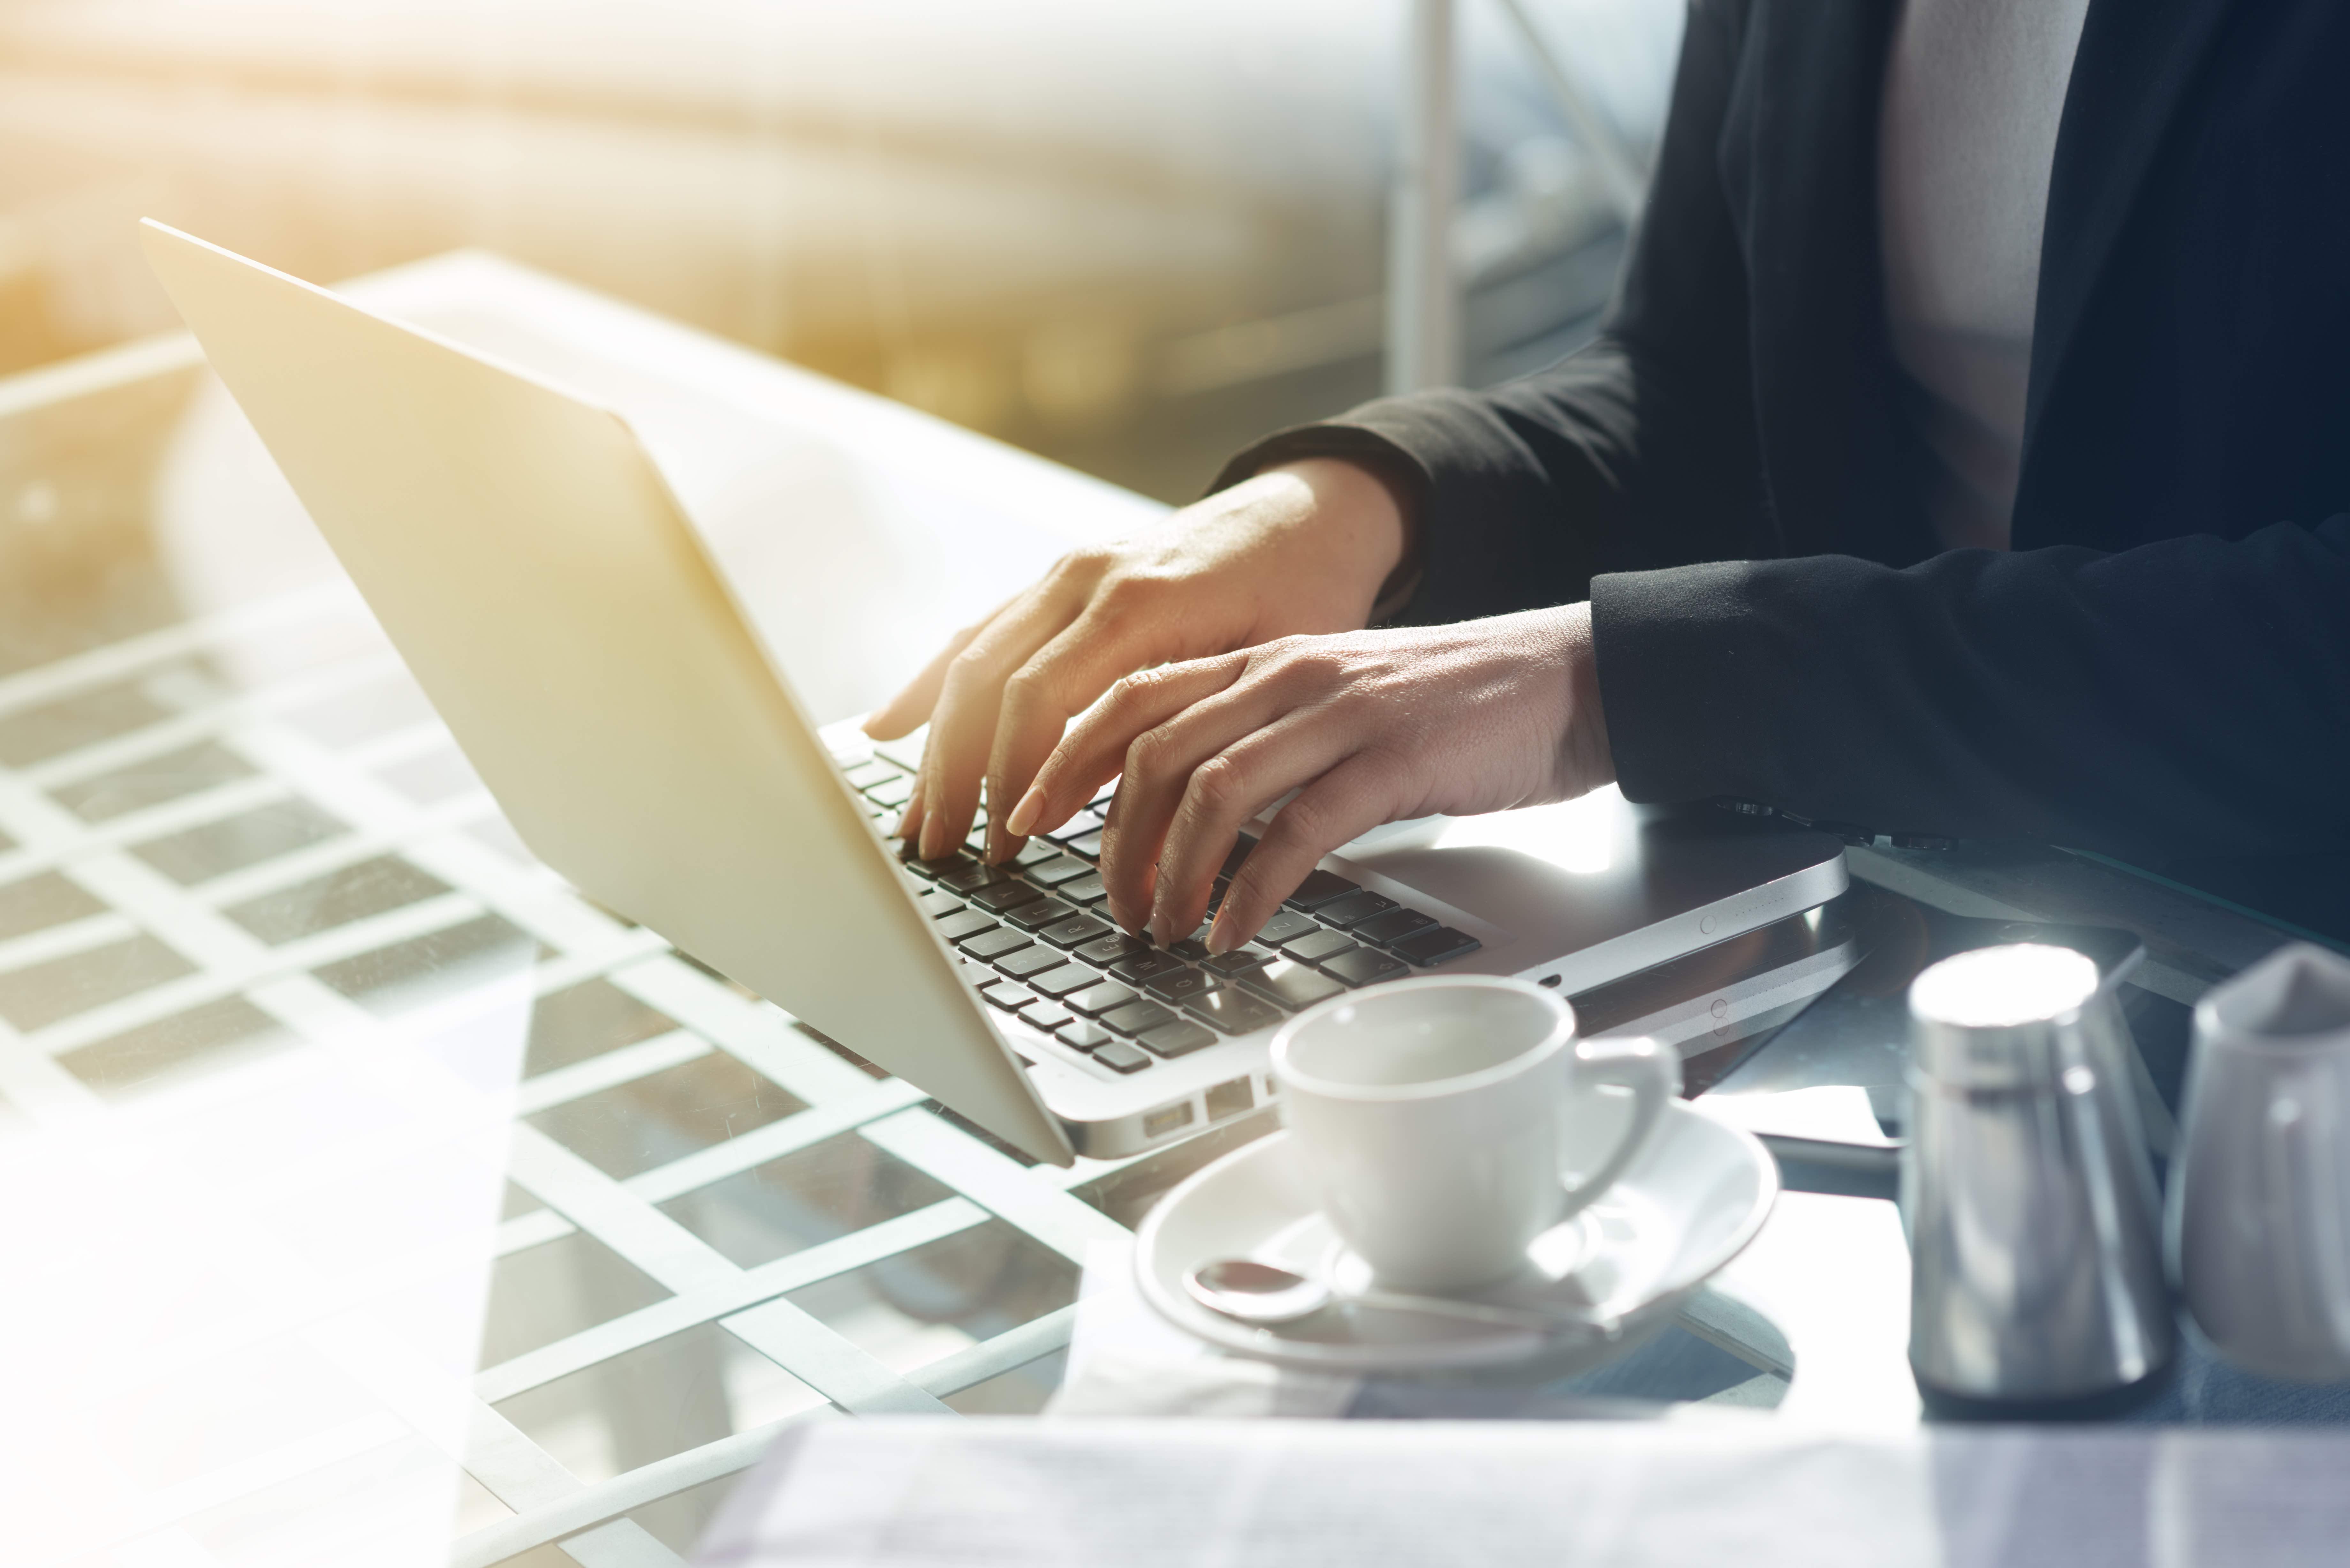 une femme d'affaires travaillant sur son ordinateur avec une vision proche de ses mains sur les communications écrites